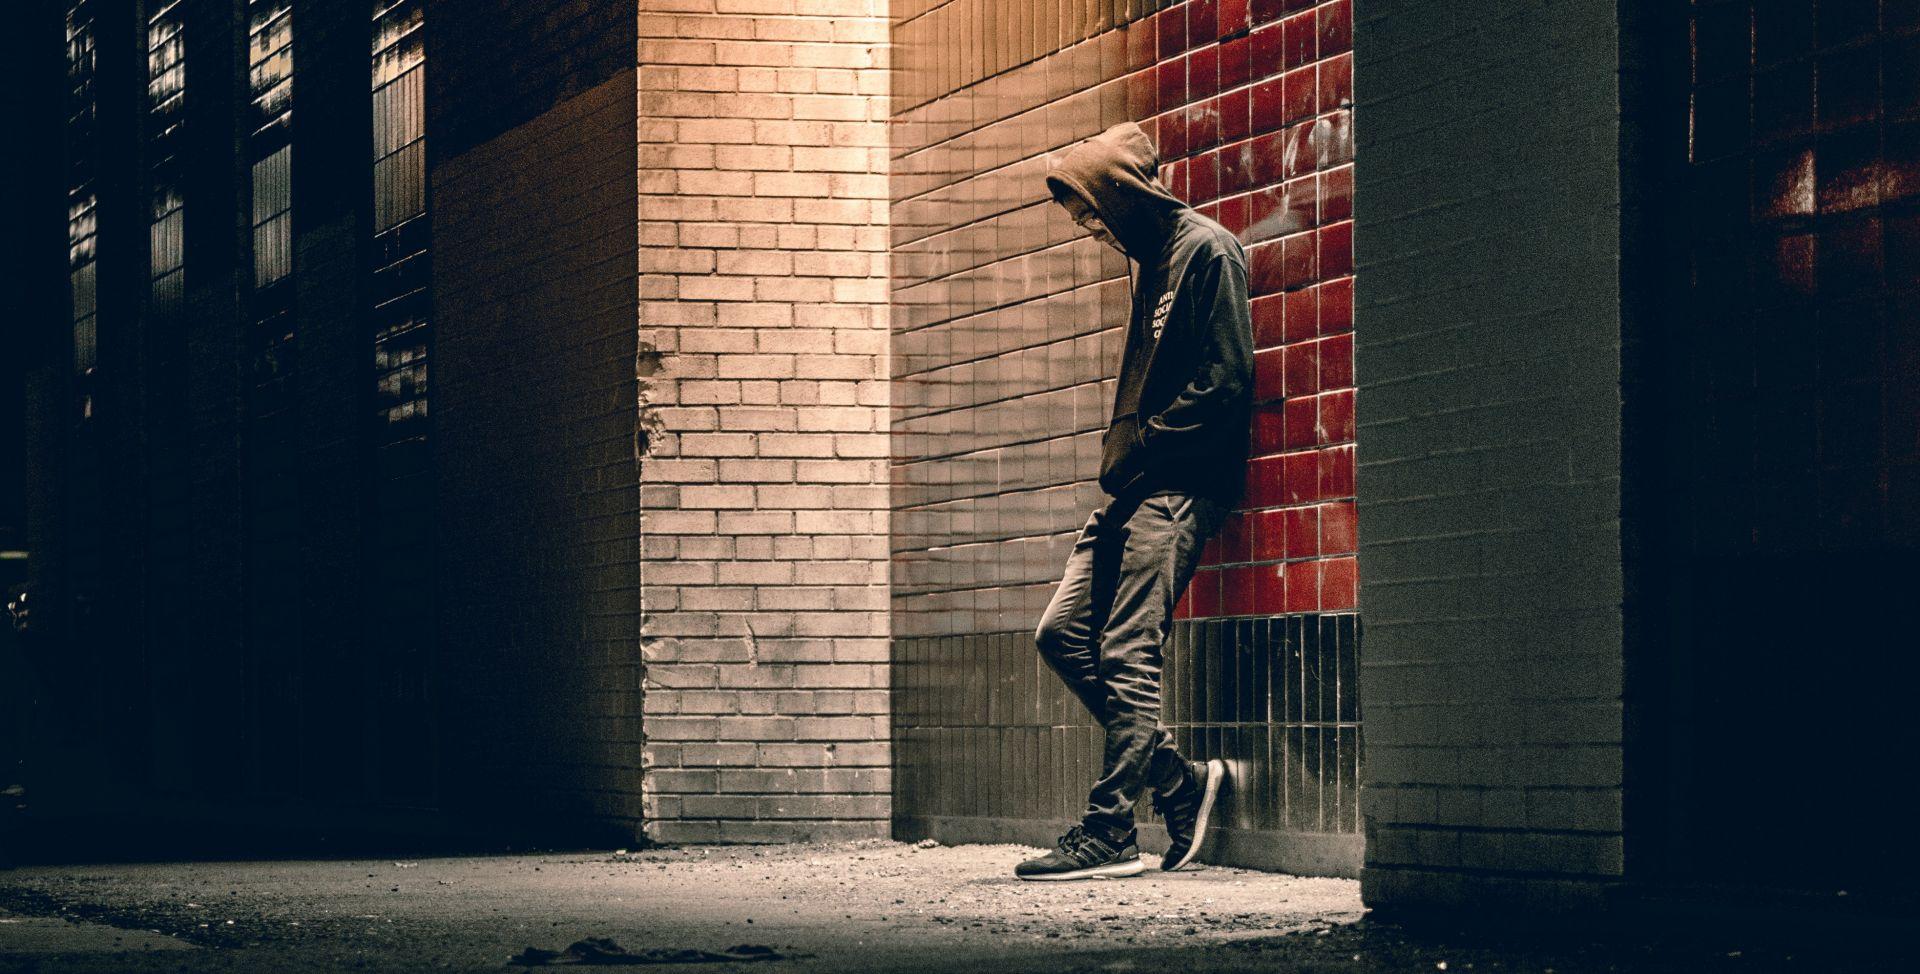 Nuoli syntyi huolesta: Kuinka tavoittaa ja tukea päihteitä käyttäviä, asunnottomia nuoria, jotka altistuvat monille vaaroille ja hyväksikäytölle?